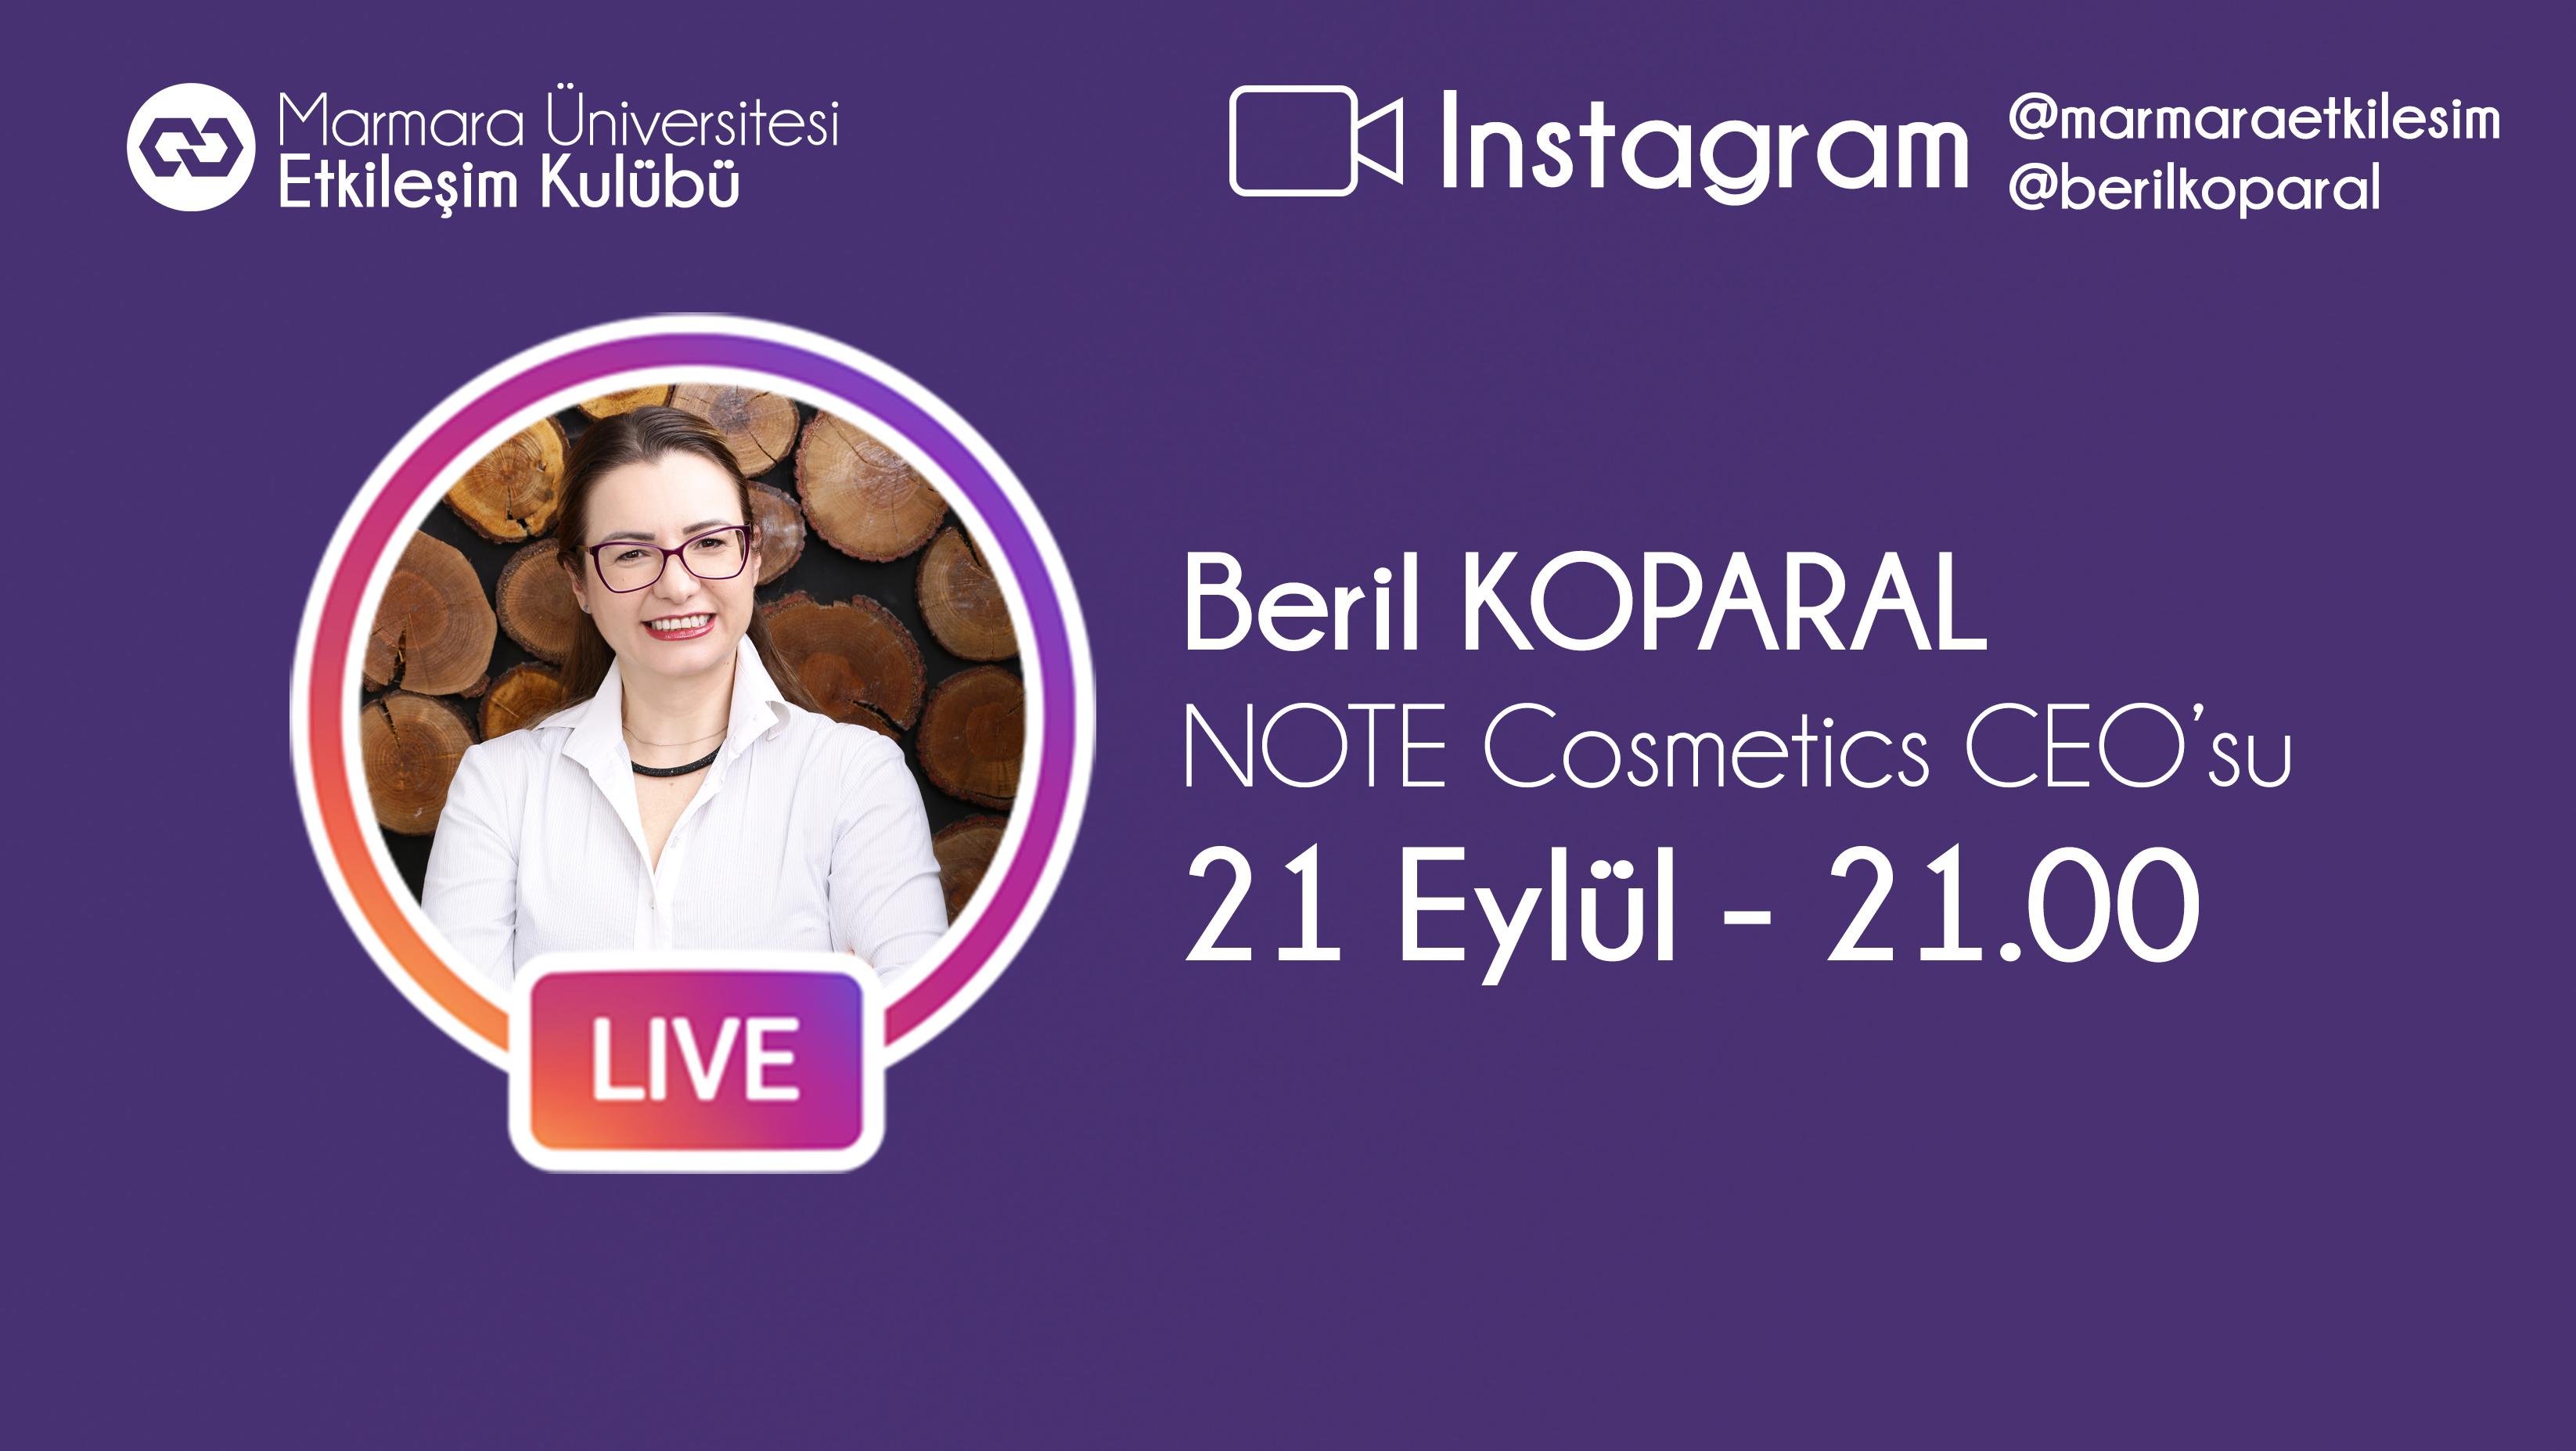 Öğrenci Kariyeri: Marmara Üniversitesi Etkileşim Kulübü Note Cosmetics CEO'su Beril KOPARAL ile Canlı Yayında Bir Araya Geliyor